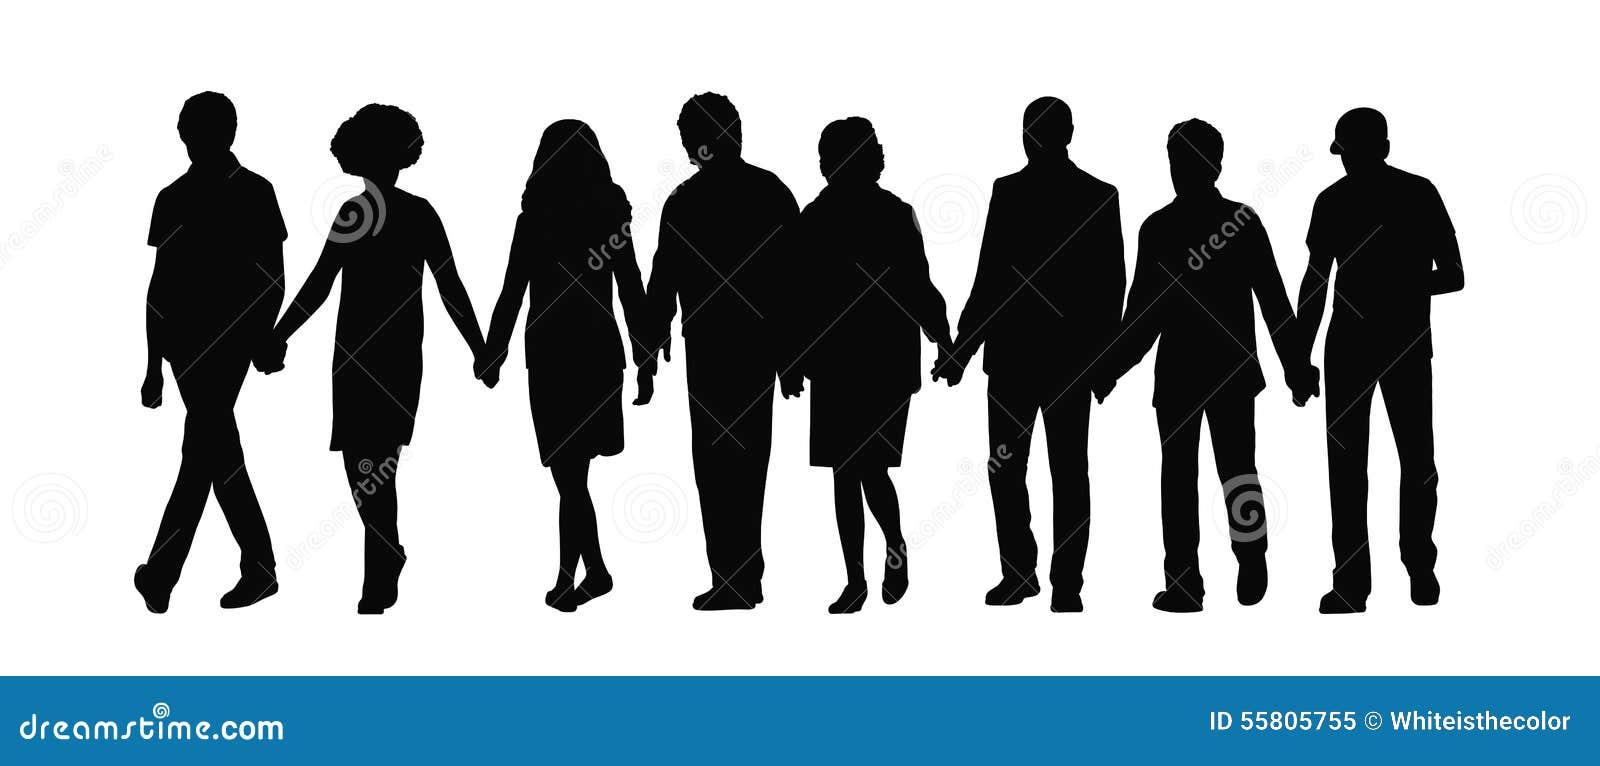 Σκιαγραφία 1 χεριών εκμετάλλευσης ομάδας ανθρώπων